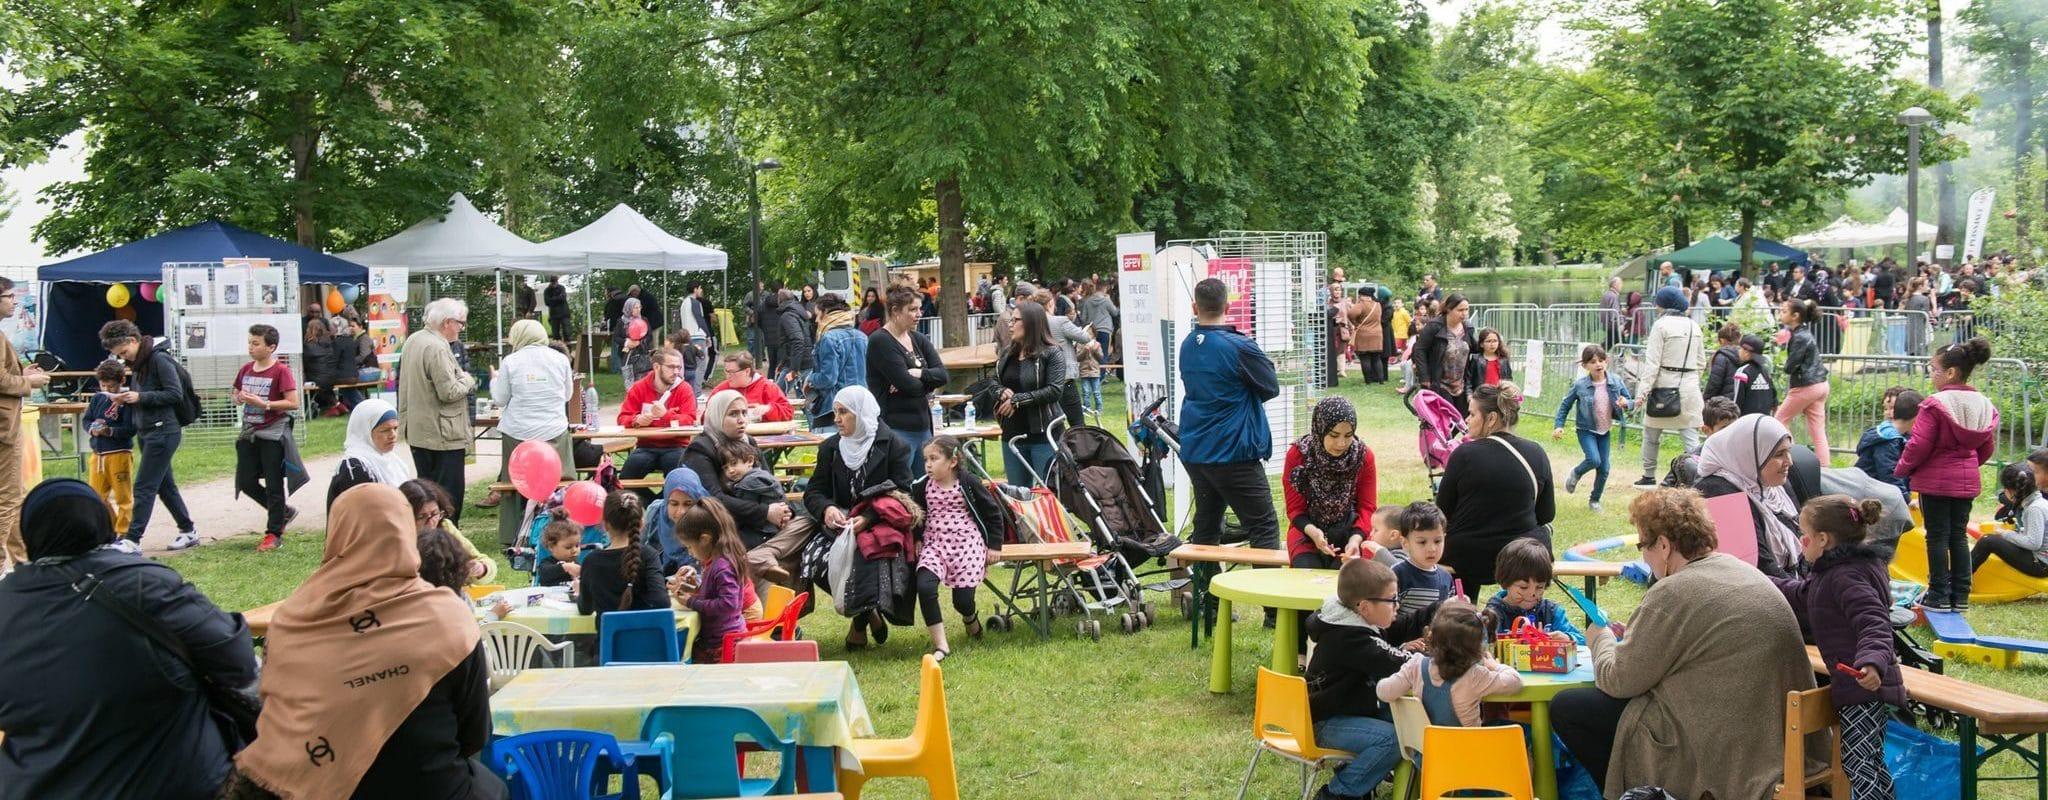 Samedi, concerts et animations au parc Schulmeister